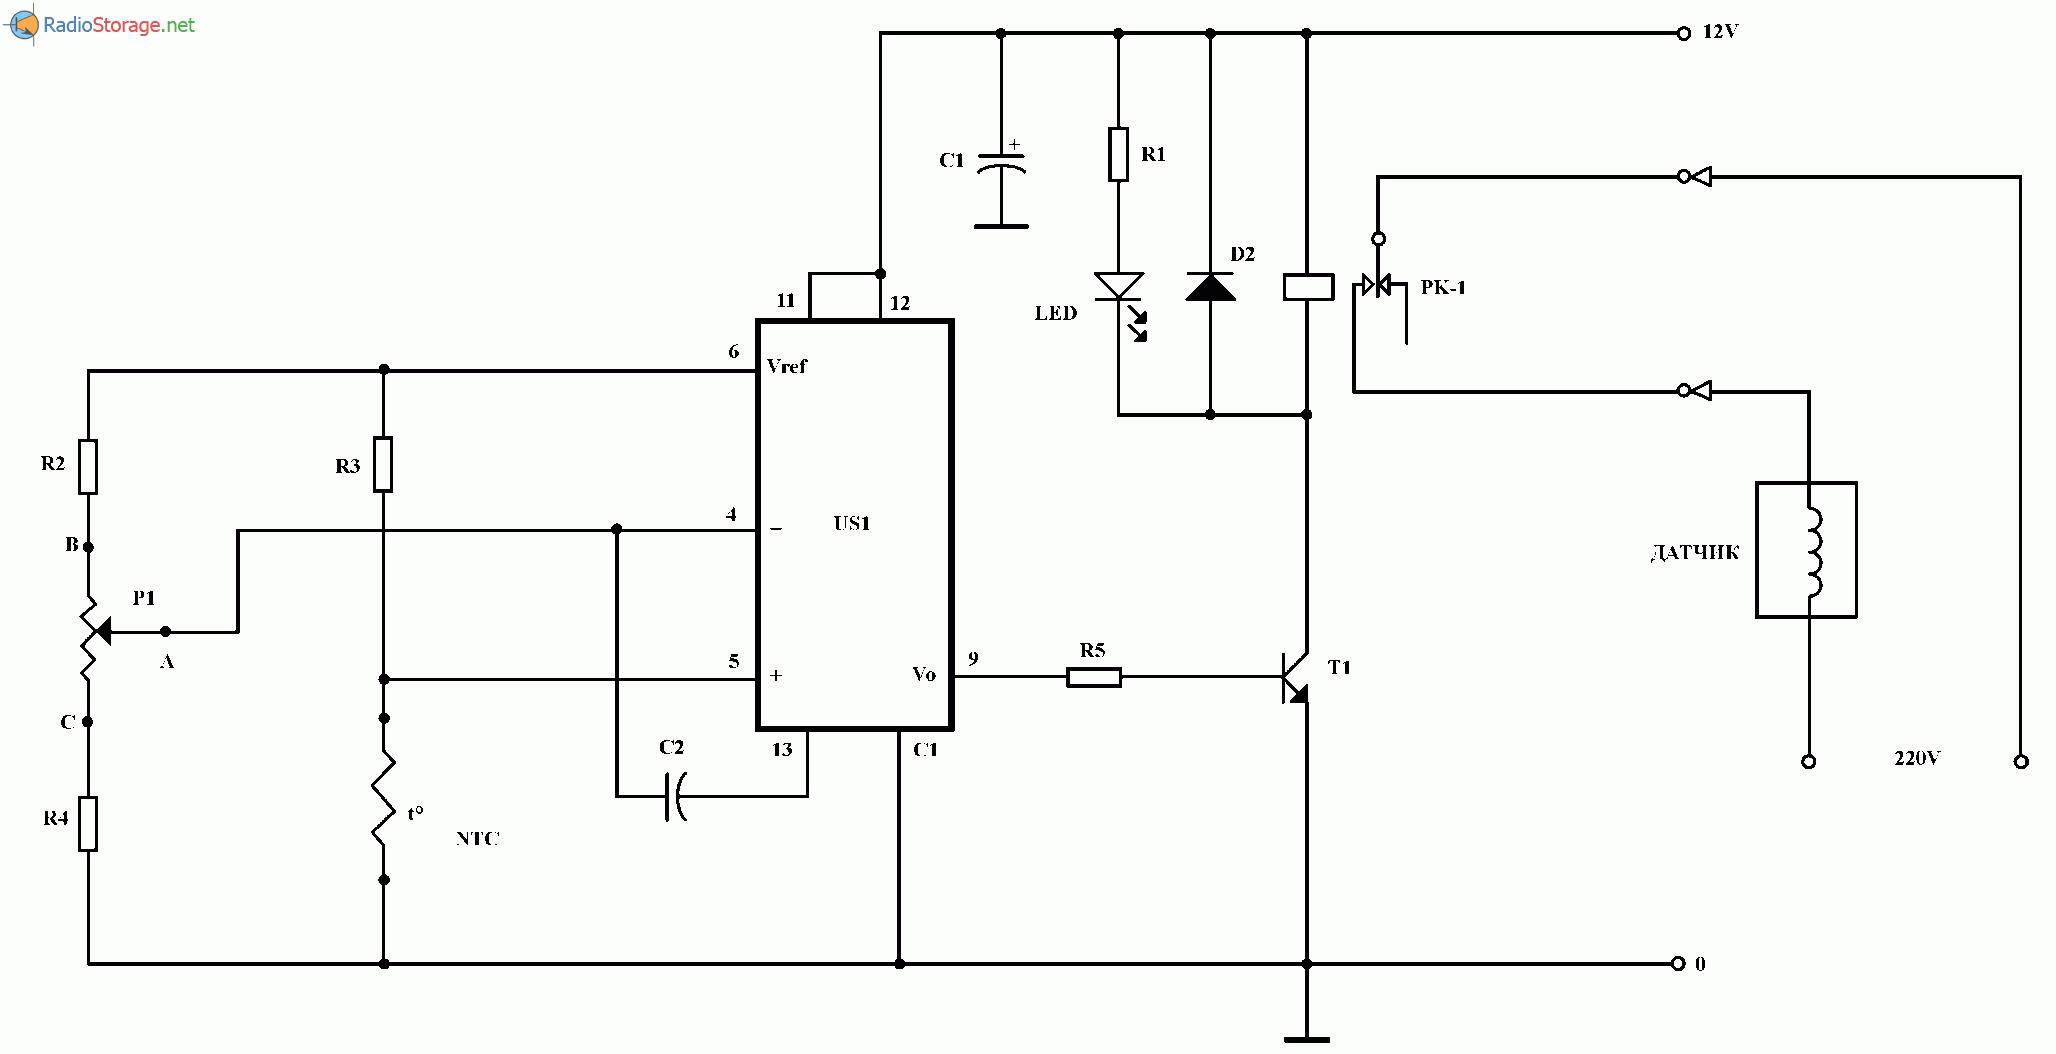 Термостат для управления обогревателем, схема